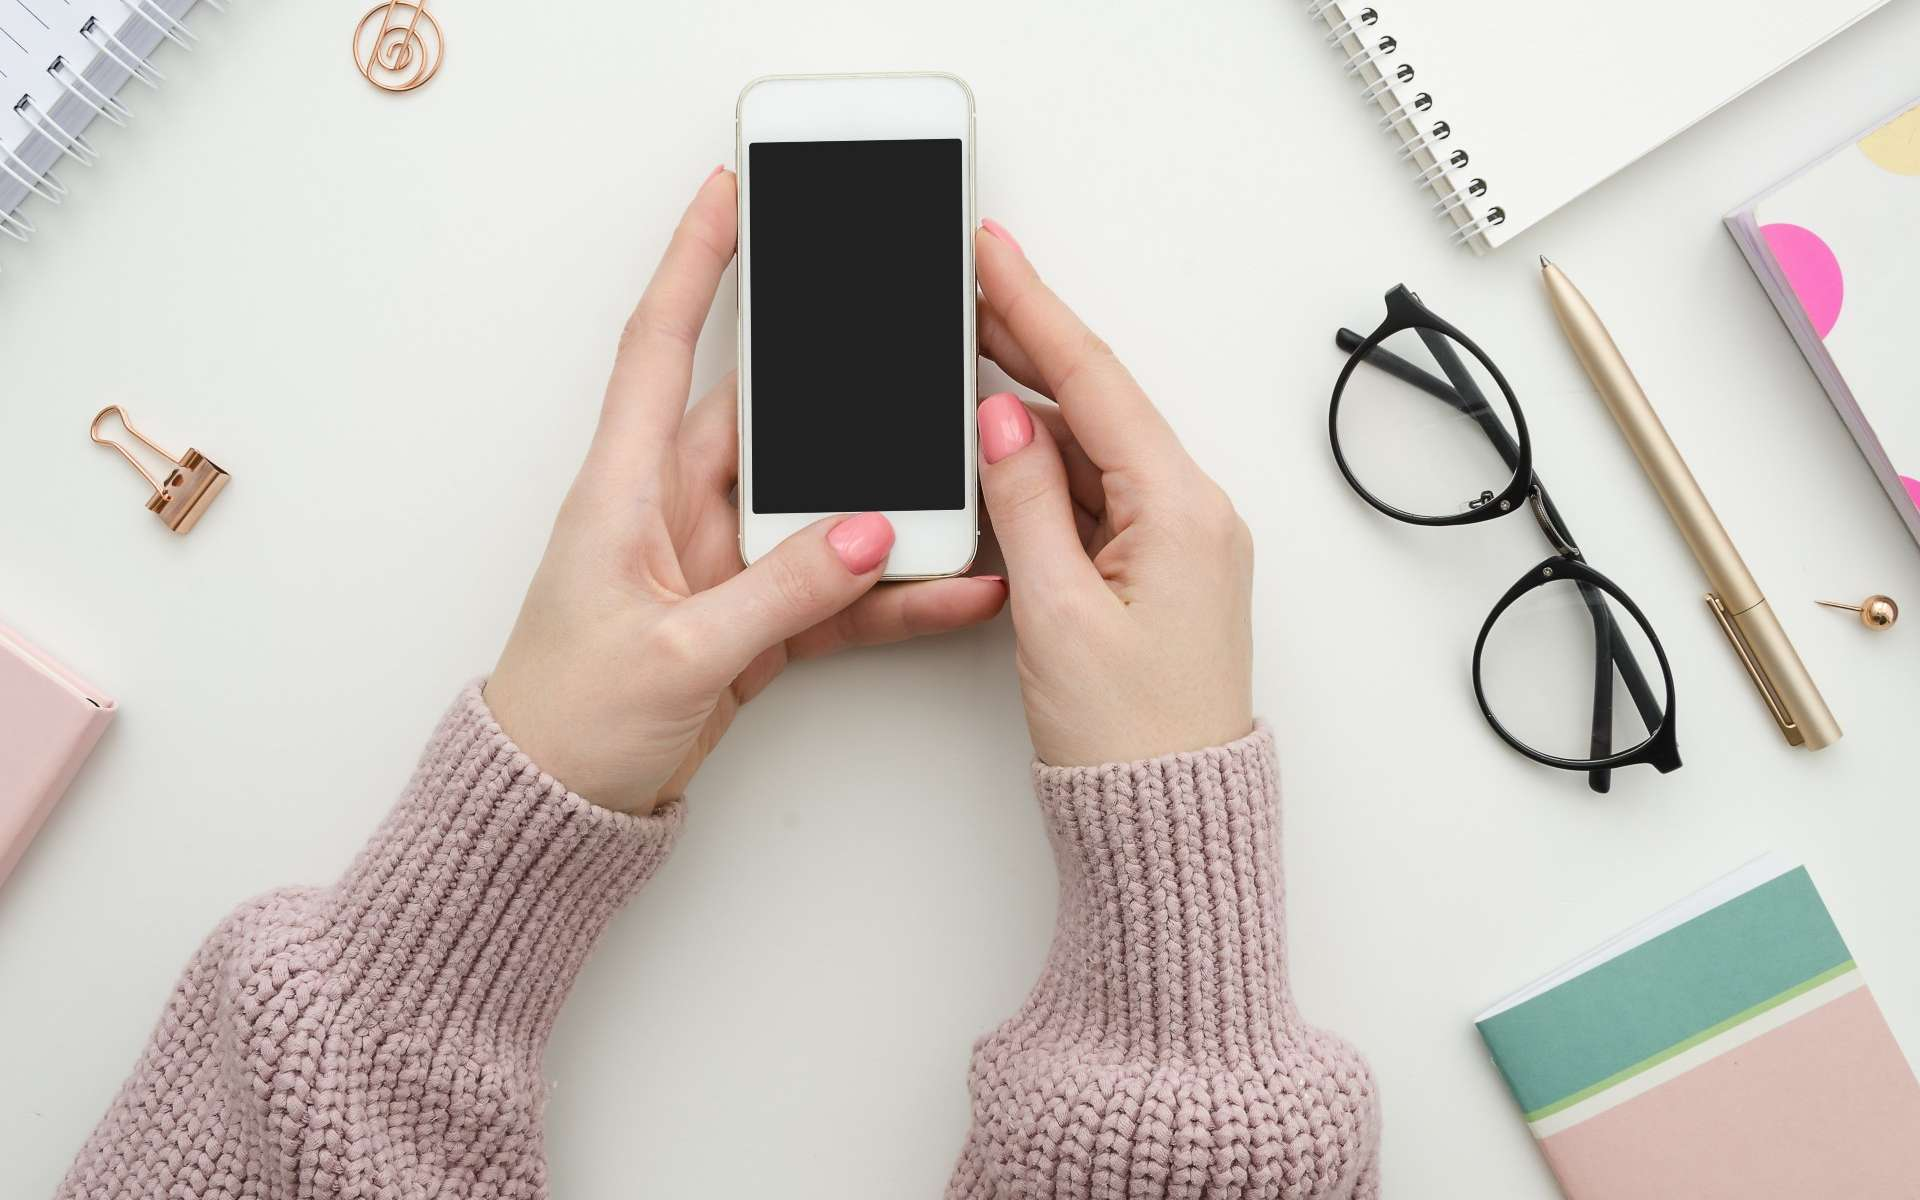 Selon des scientifiques japonais, l'utilisation d'un carnet et d'un stylo pour prendre des notes stimule le cerveau plus qu'un clavier et un écran. © woodpencil, Adobe Stock